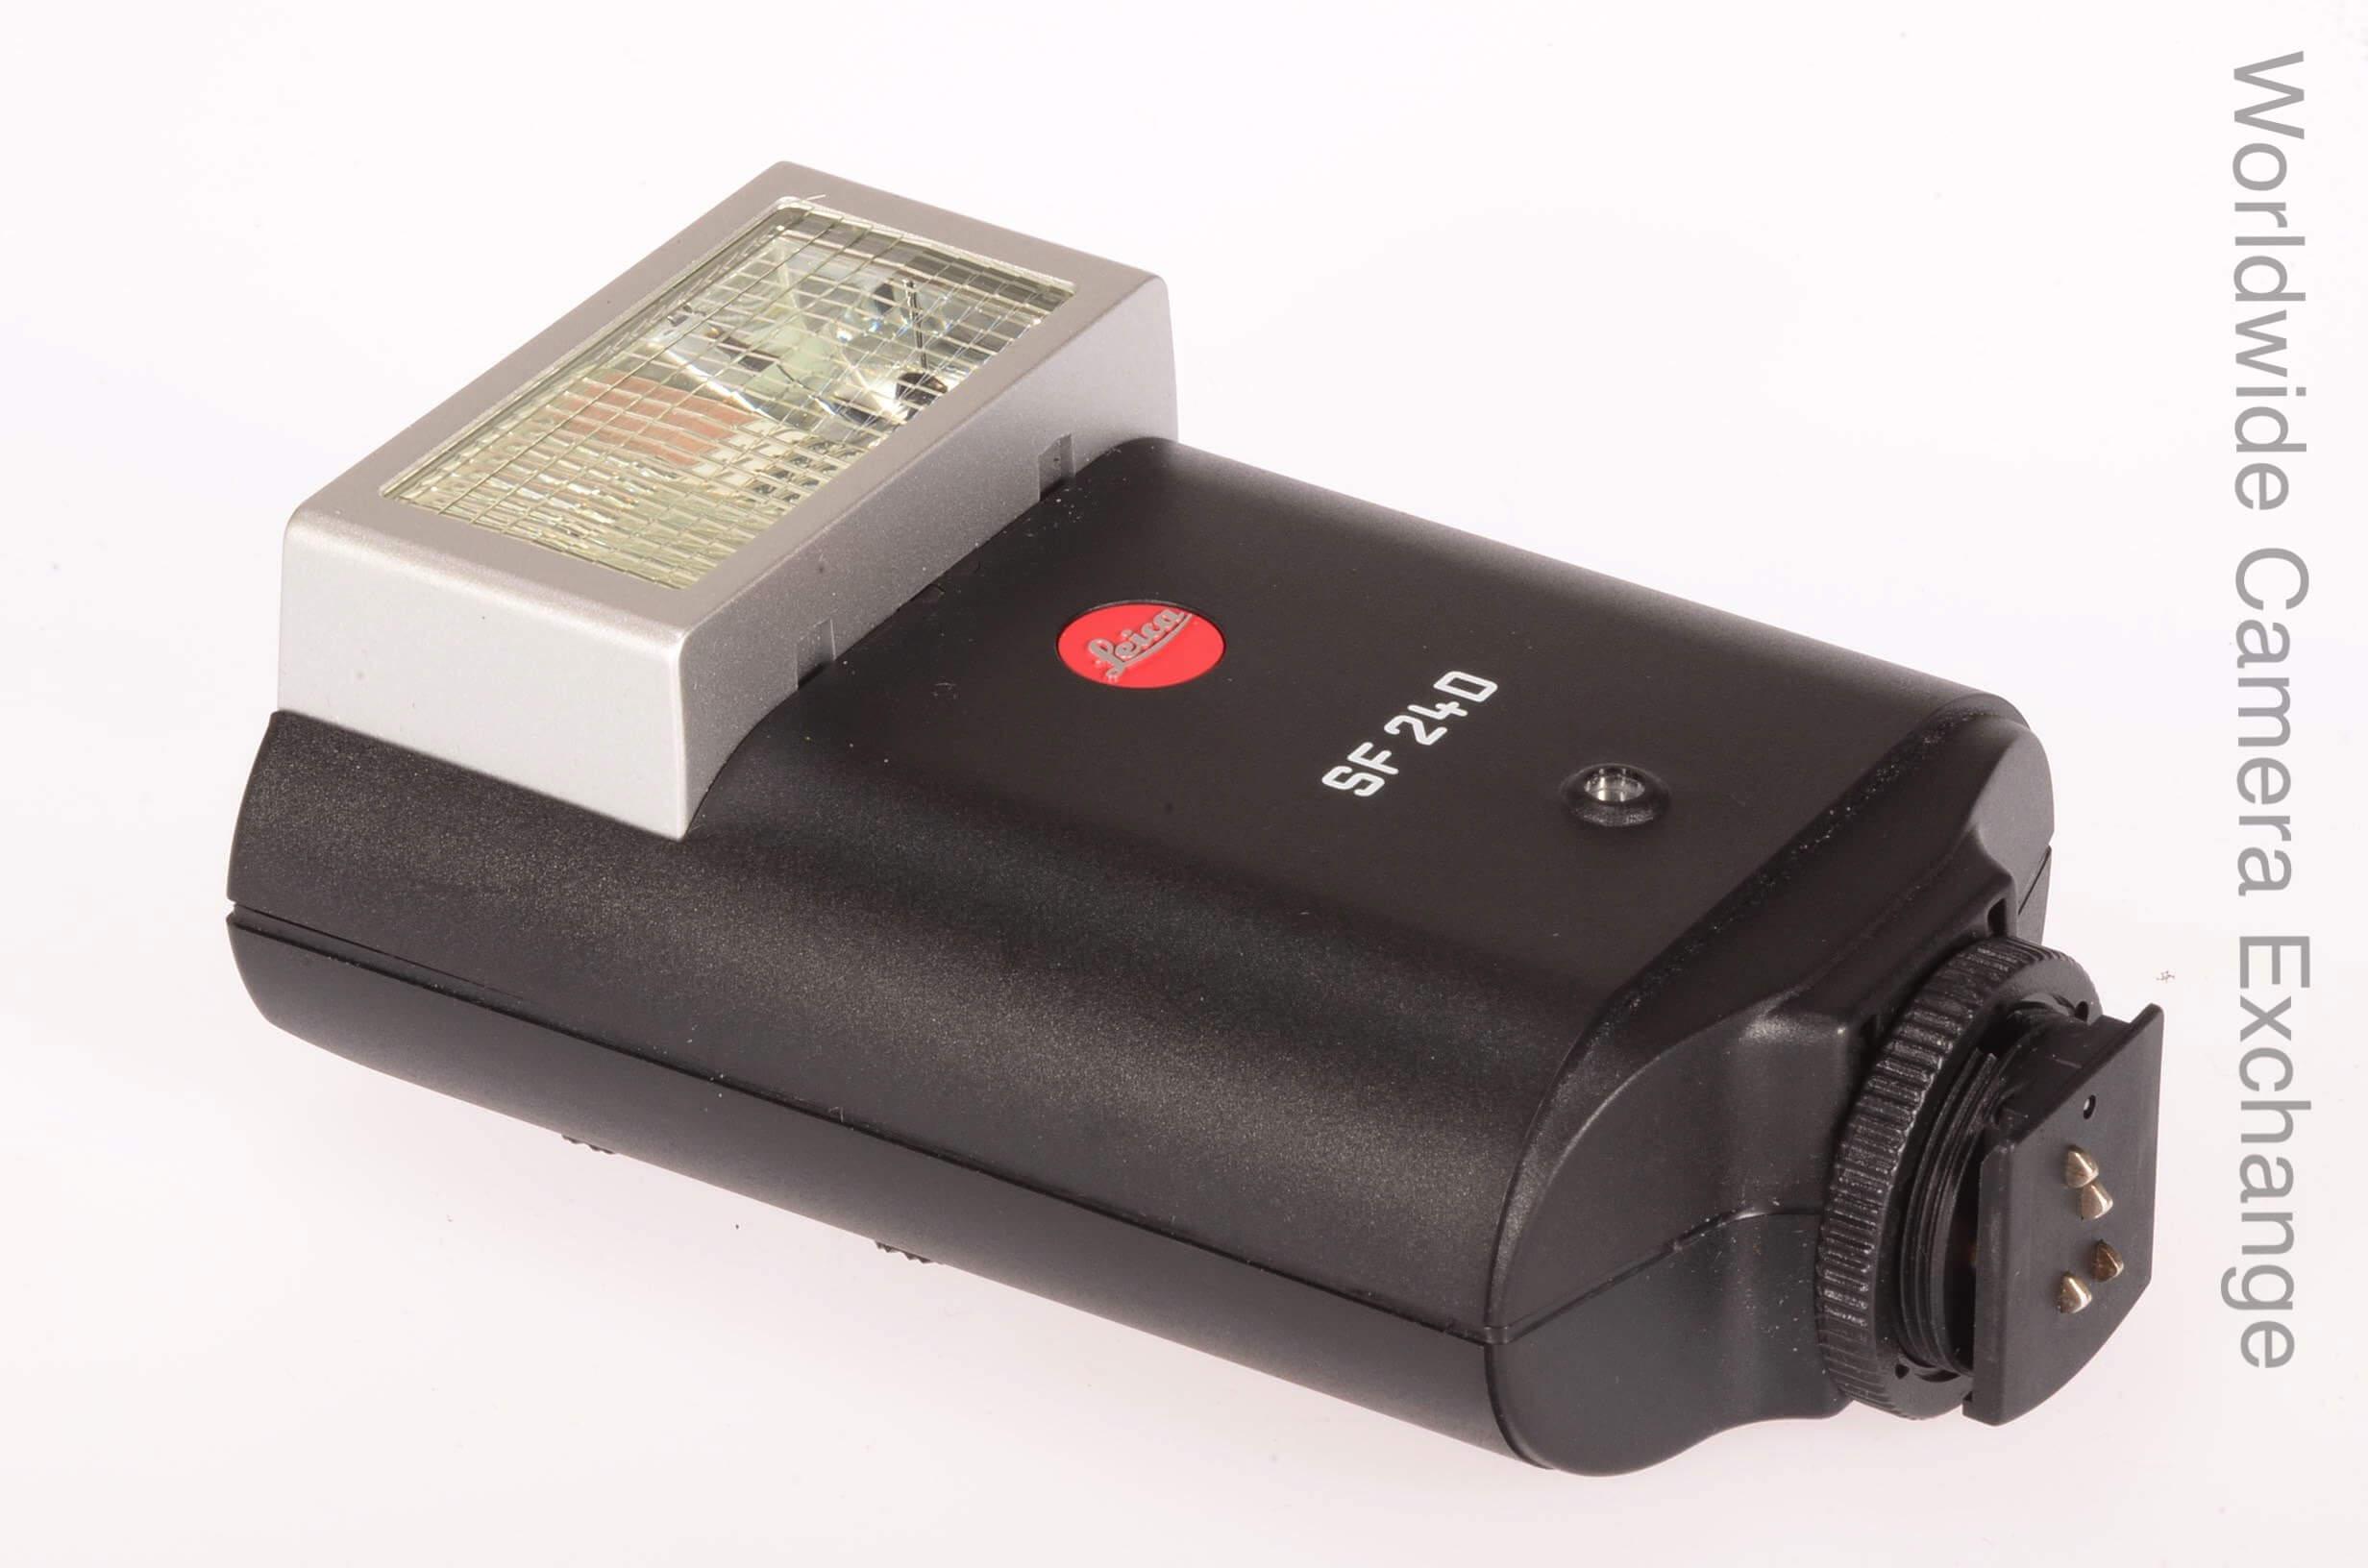 Leica SF24D flash, boxed